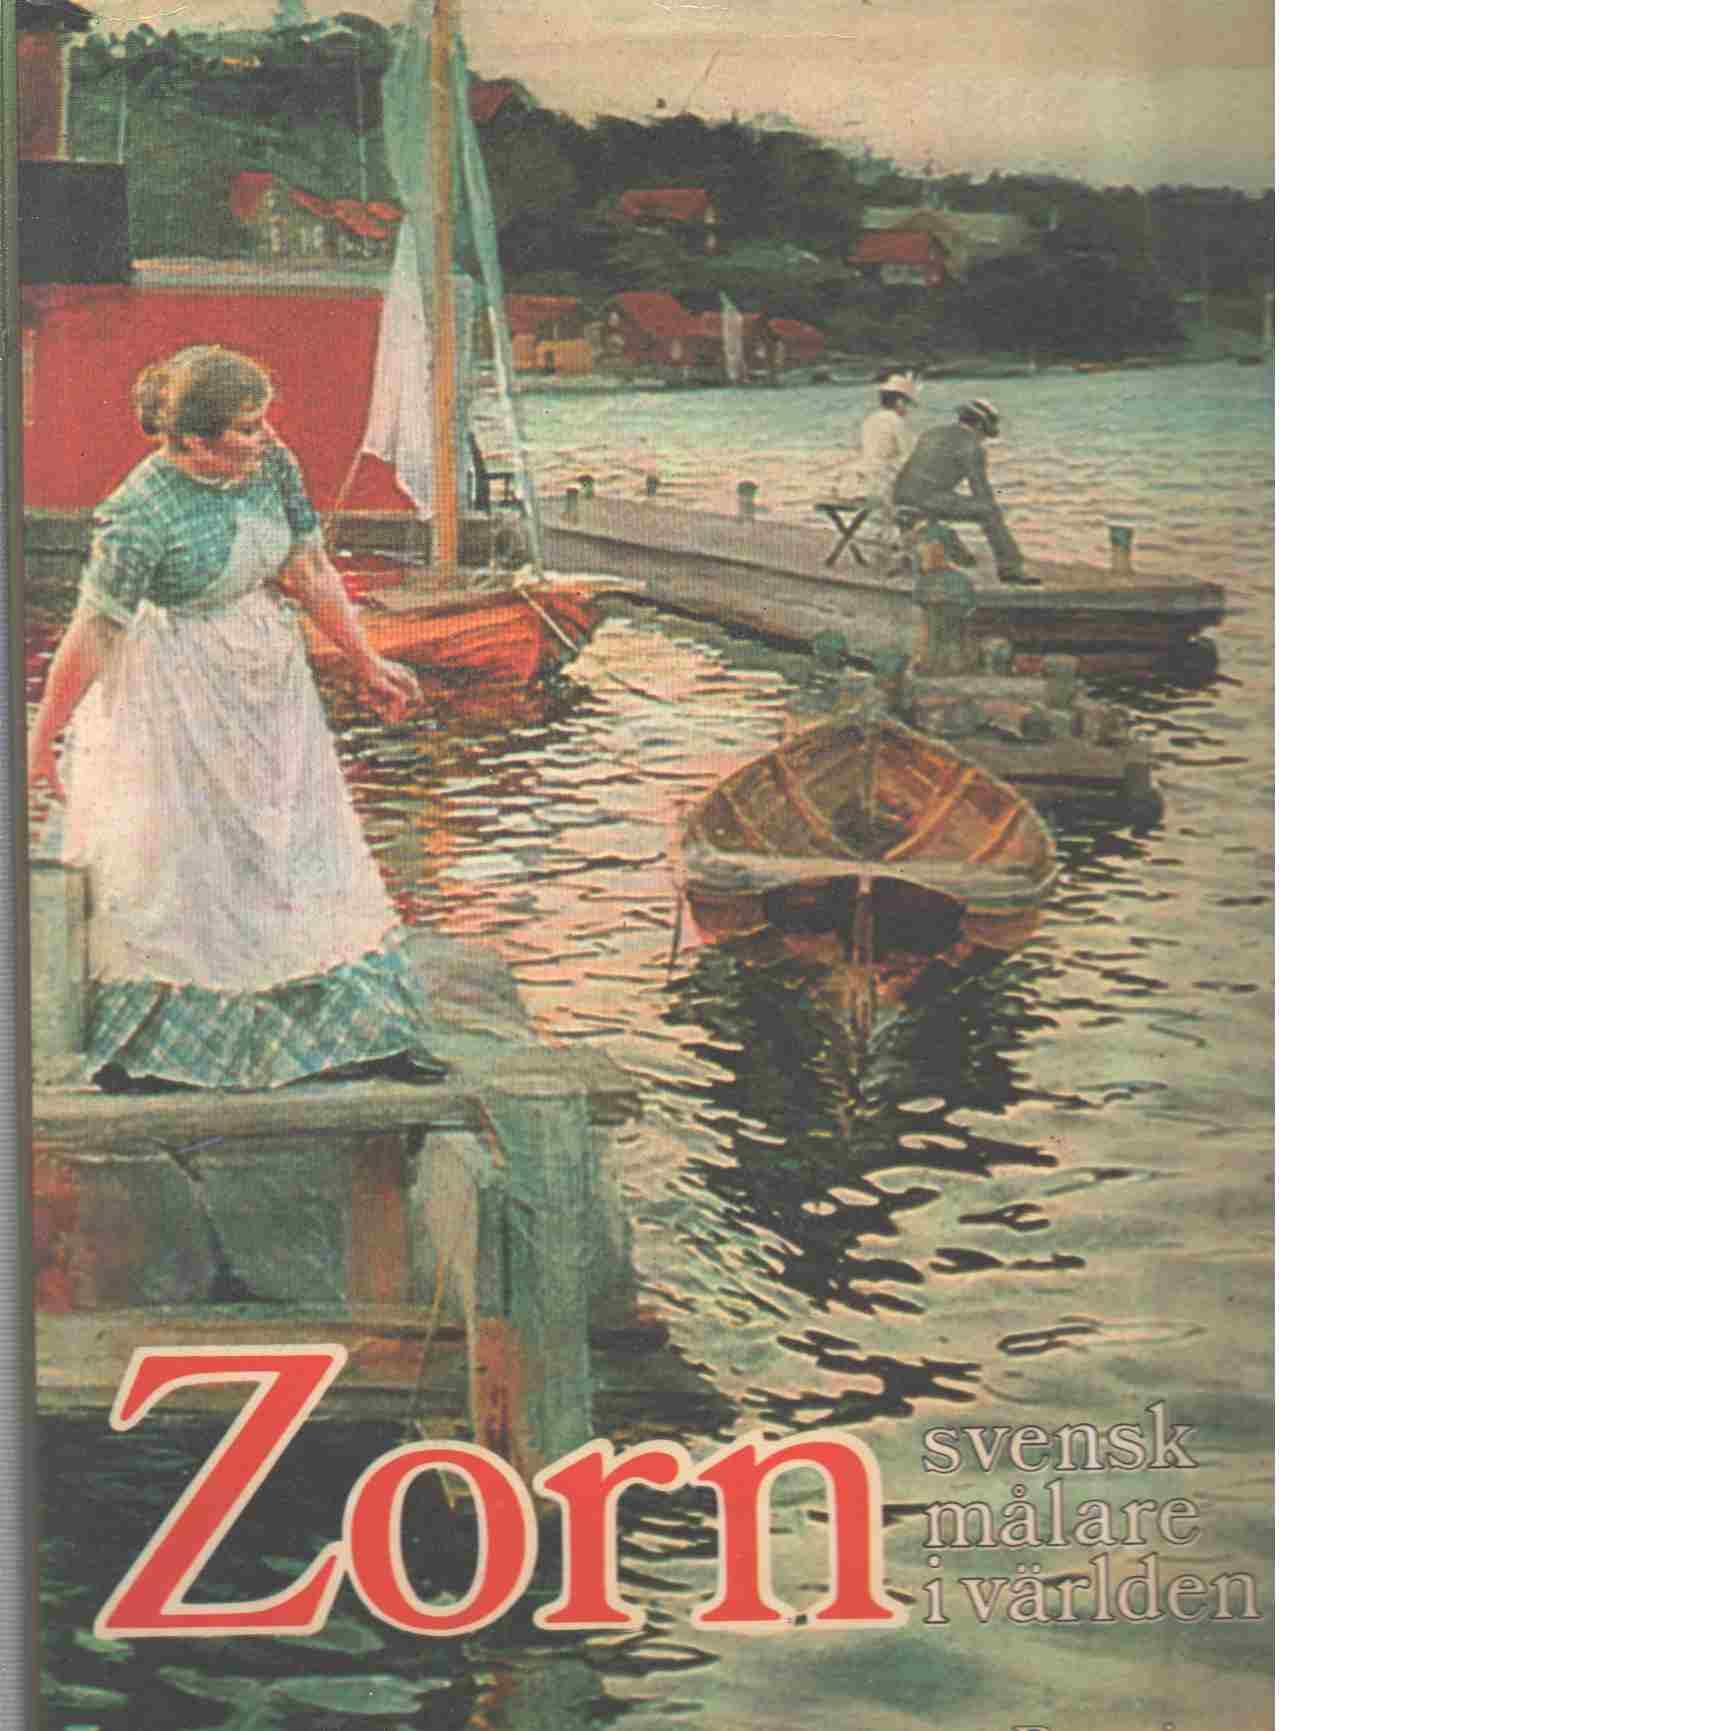 Zorn, svensk målare i världen - Brummer, Hans Henrik